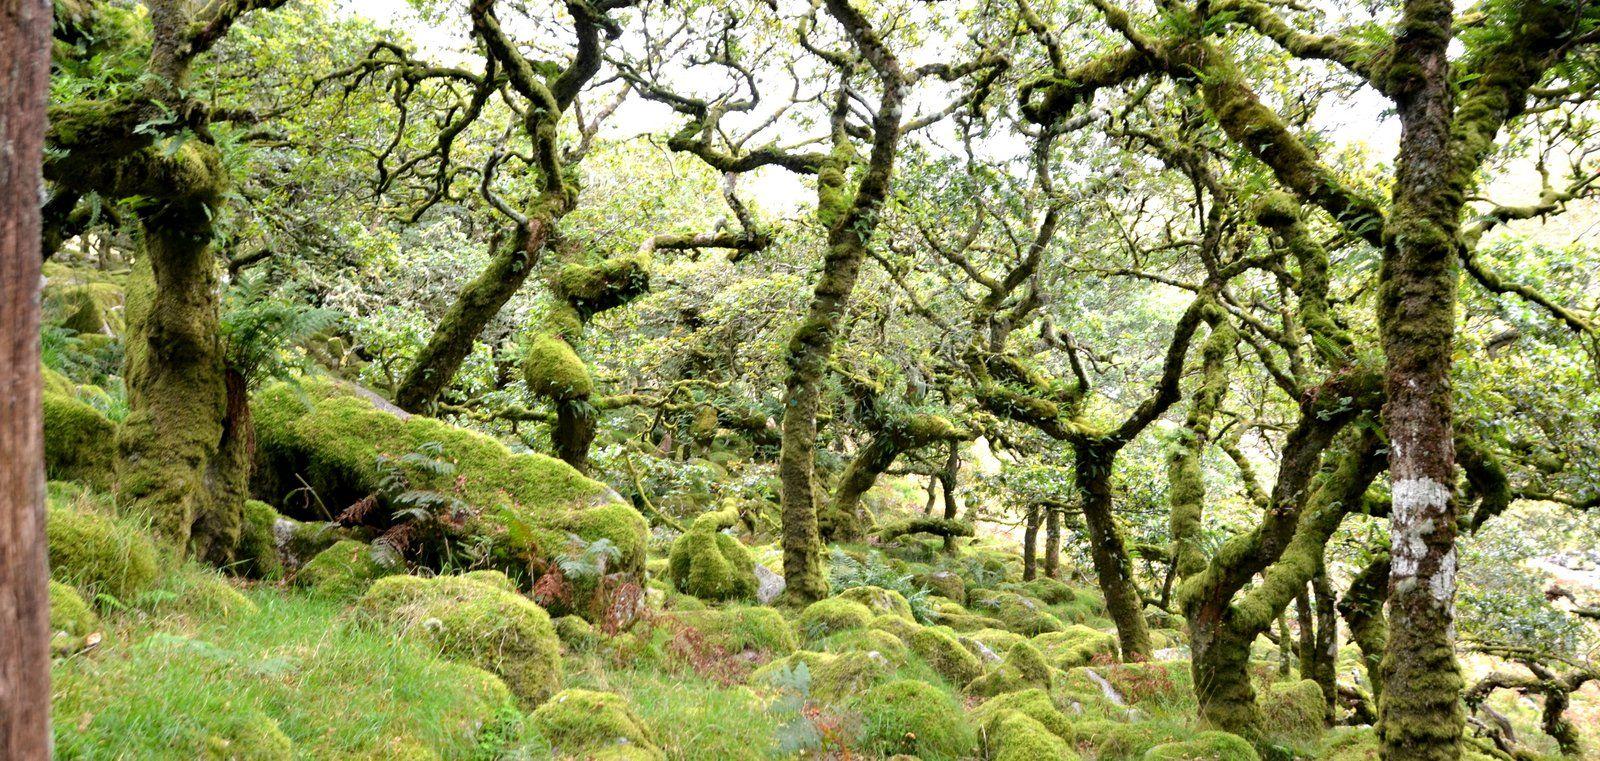 Dartmoor. Lee's Walking Adventures UK: Two Bridges, Wistman's Wood Short Walk